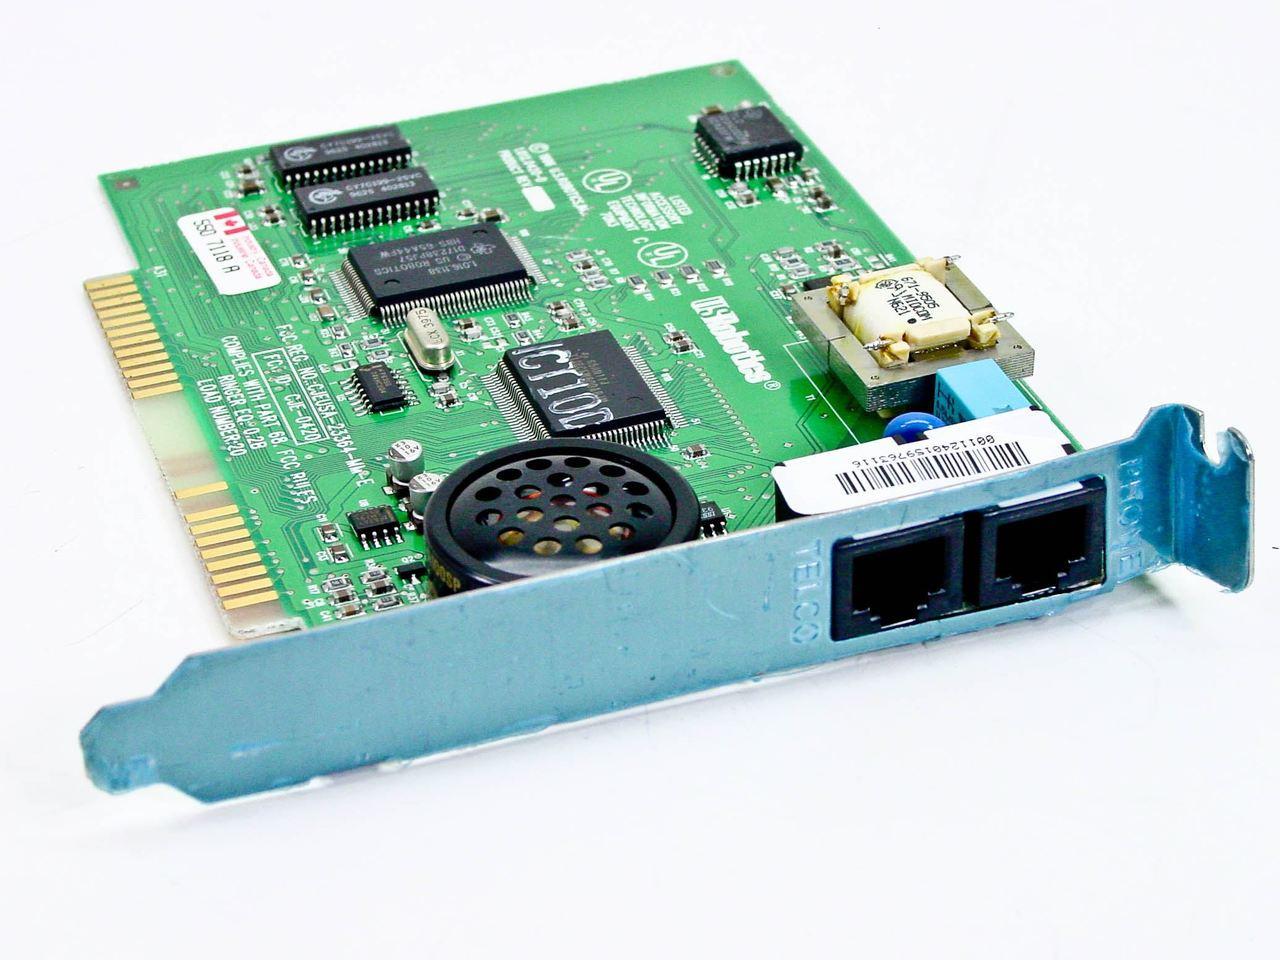 US Robotics 00112401 28.8K Sportster Internal Win Modem Sportster #1.012.0420-D   RecycledGoods.com